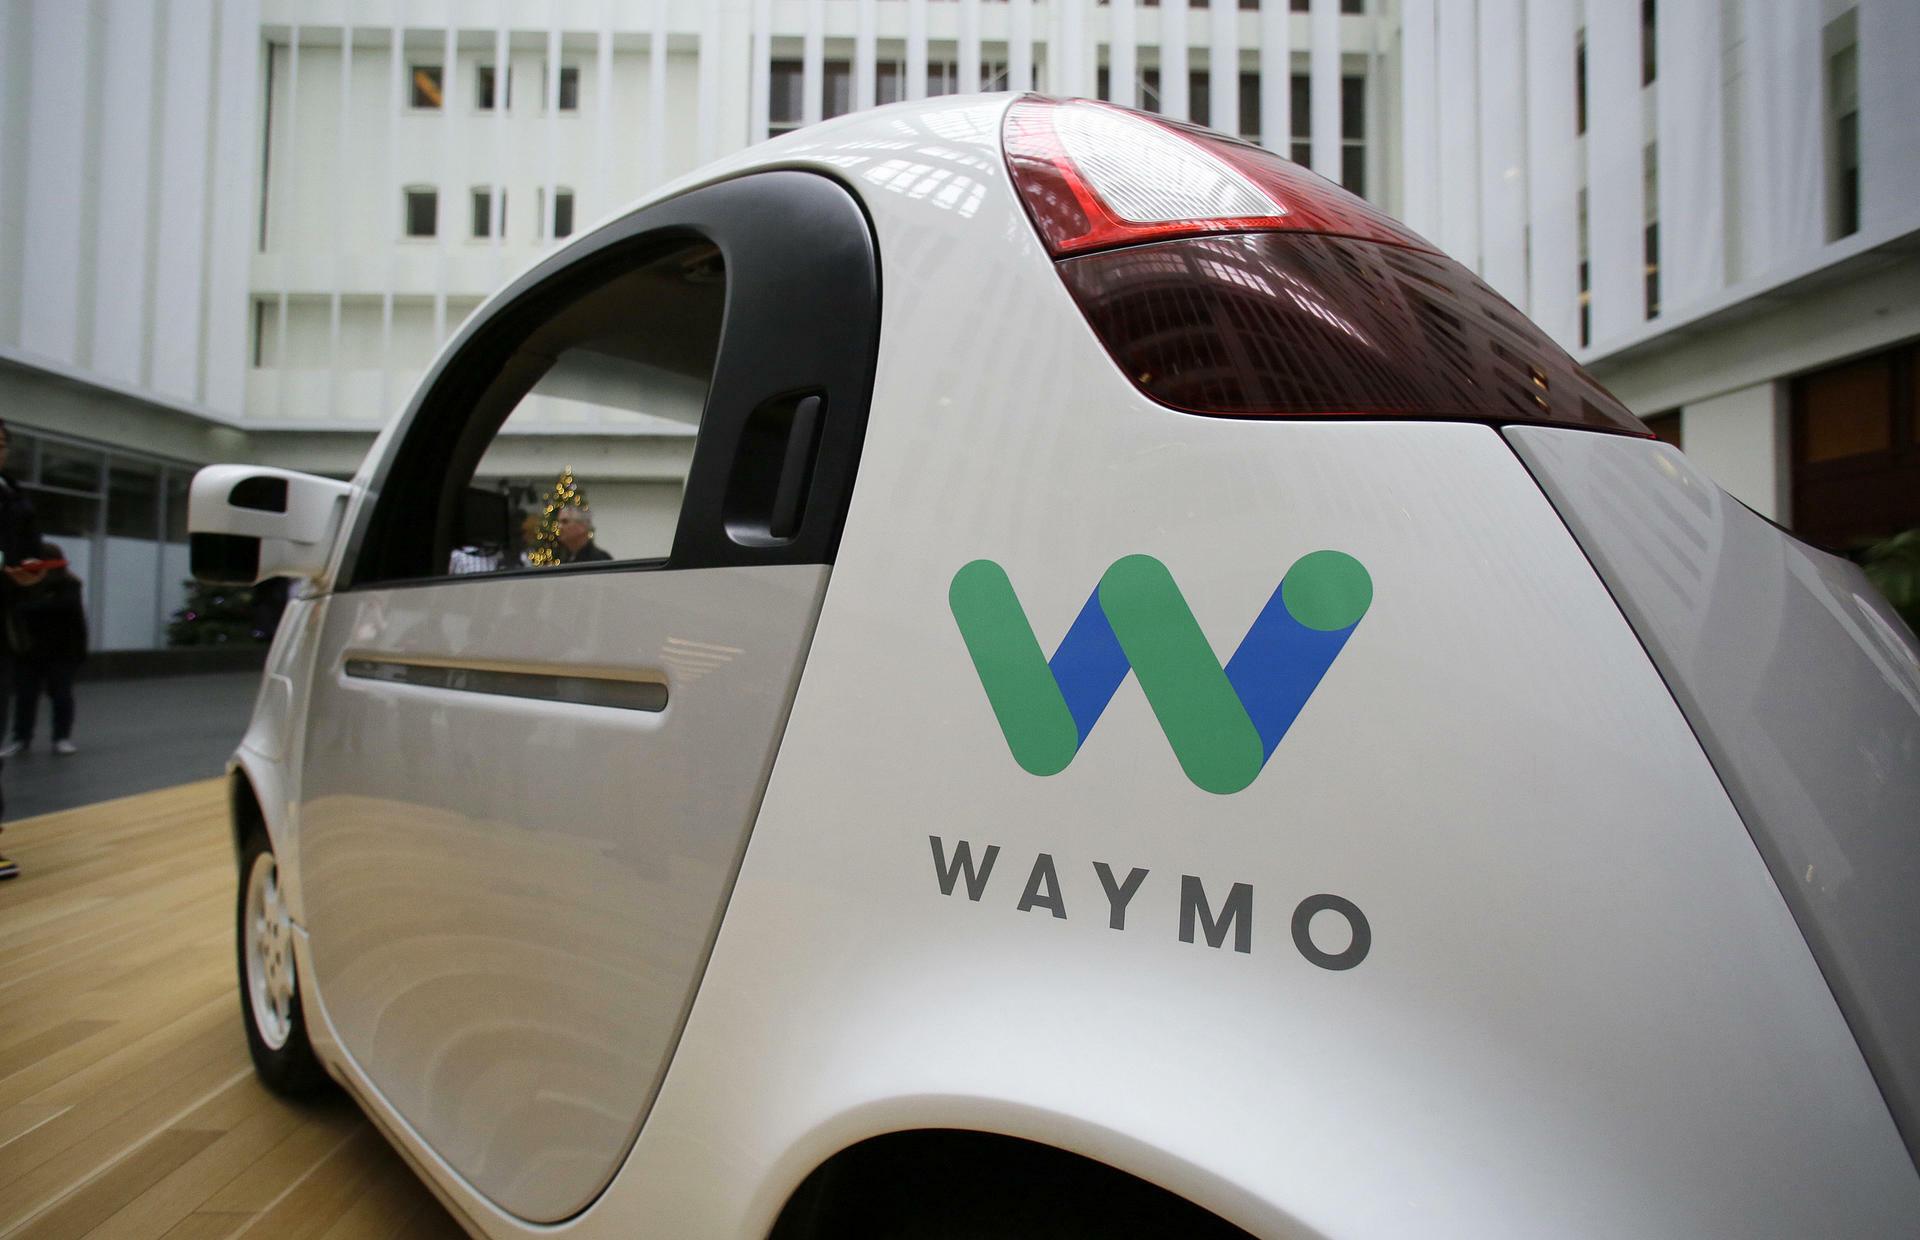 Autonomes Fahren: Google holt Zweisitzer von der Straße